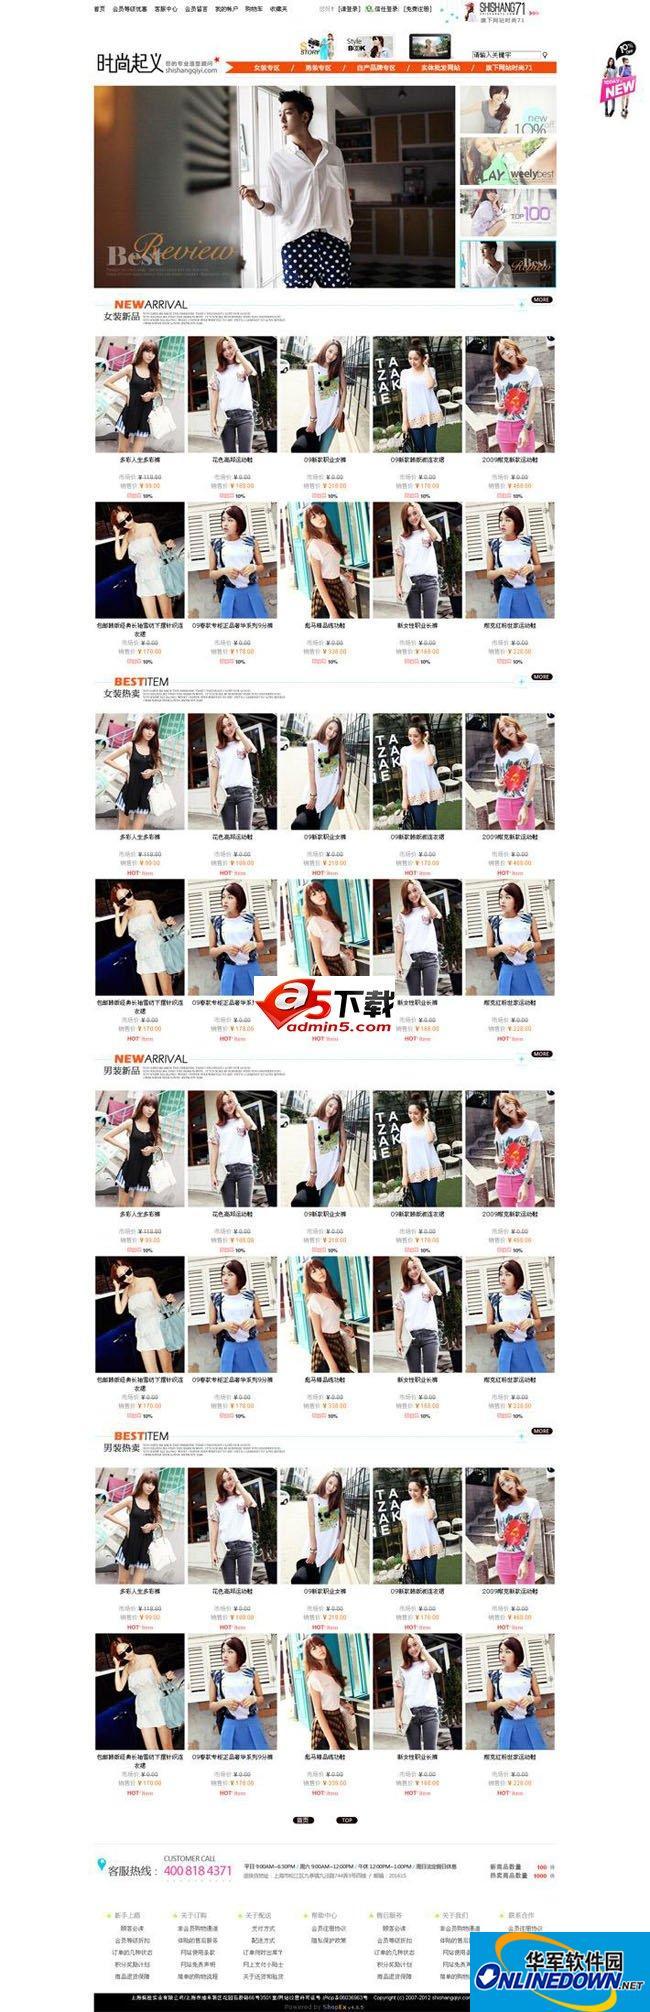 时尚起义php精品免费淘宝客源码 37440